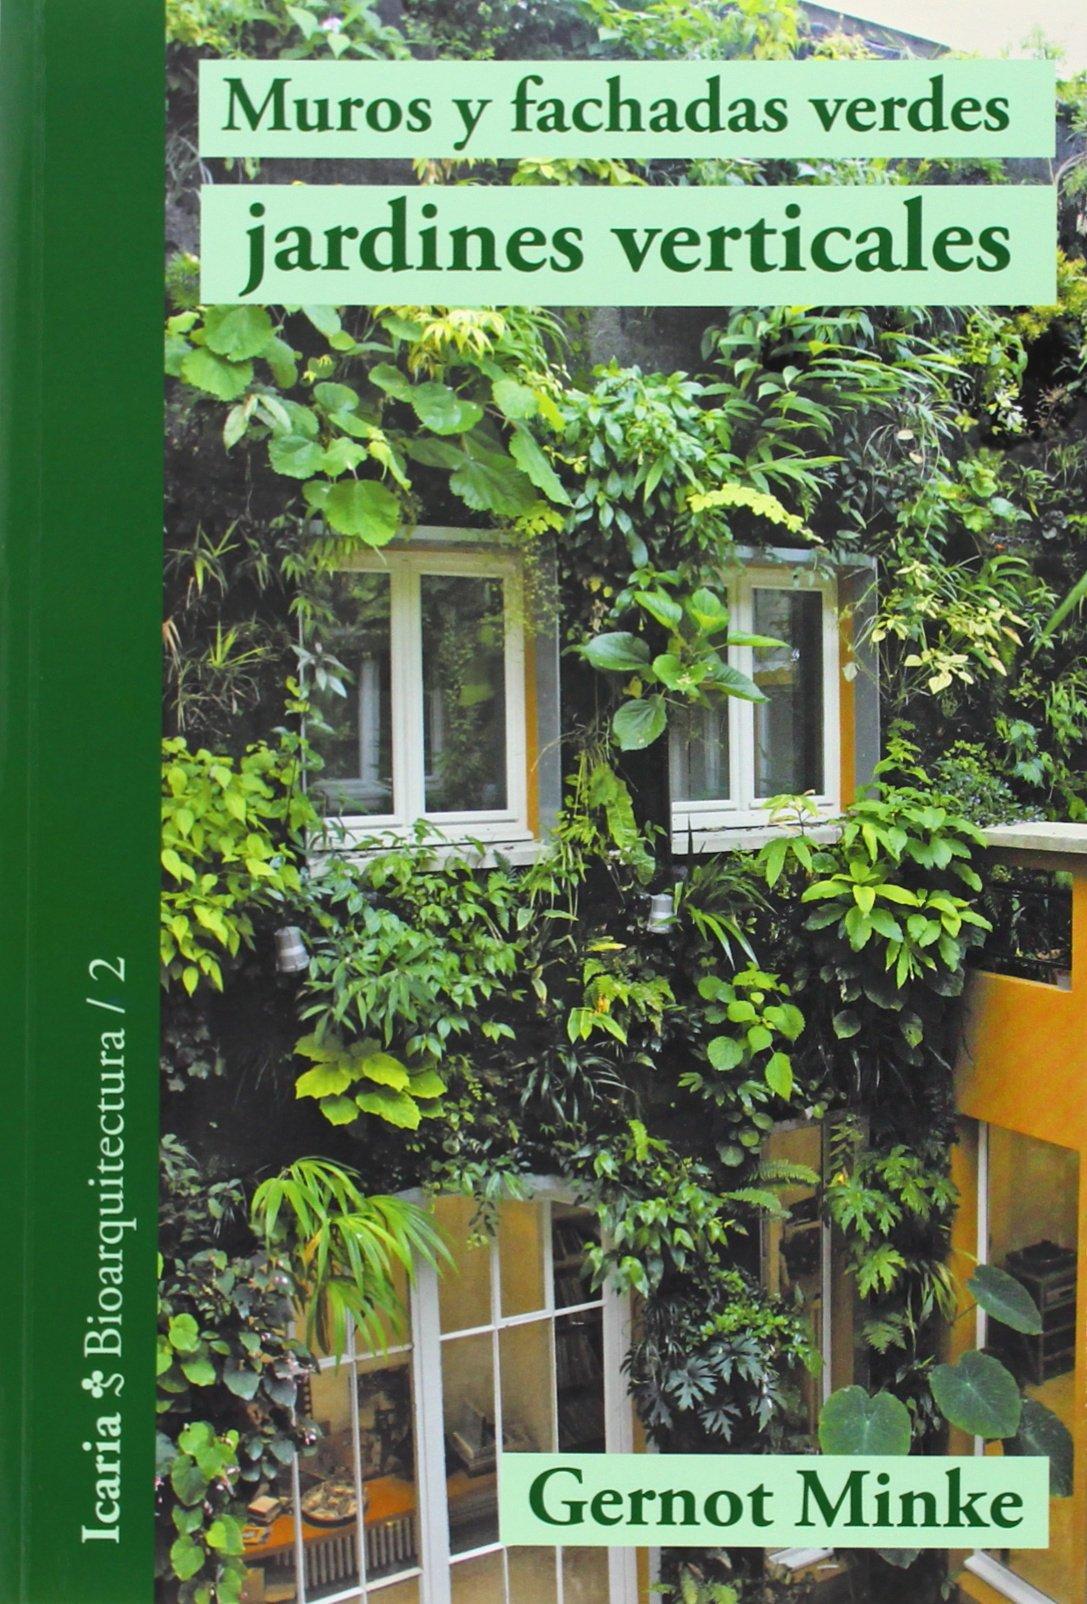 Muros y fachadas verdes, jardines verticales: Sistemas y plantas, funciones y aplicaciones Bioarquitectura: Amazon.es: Minke, Gernot: Libros